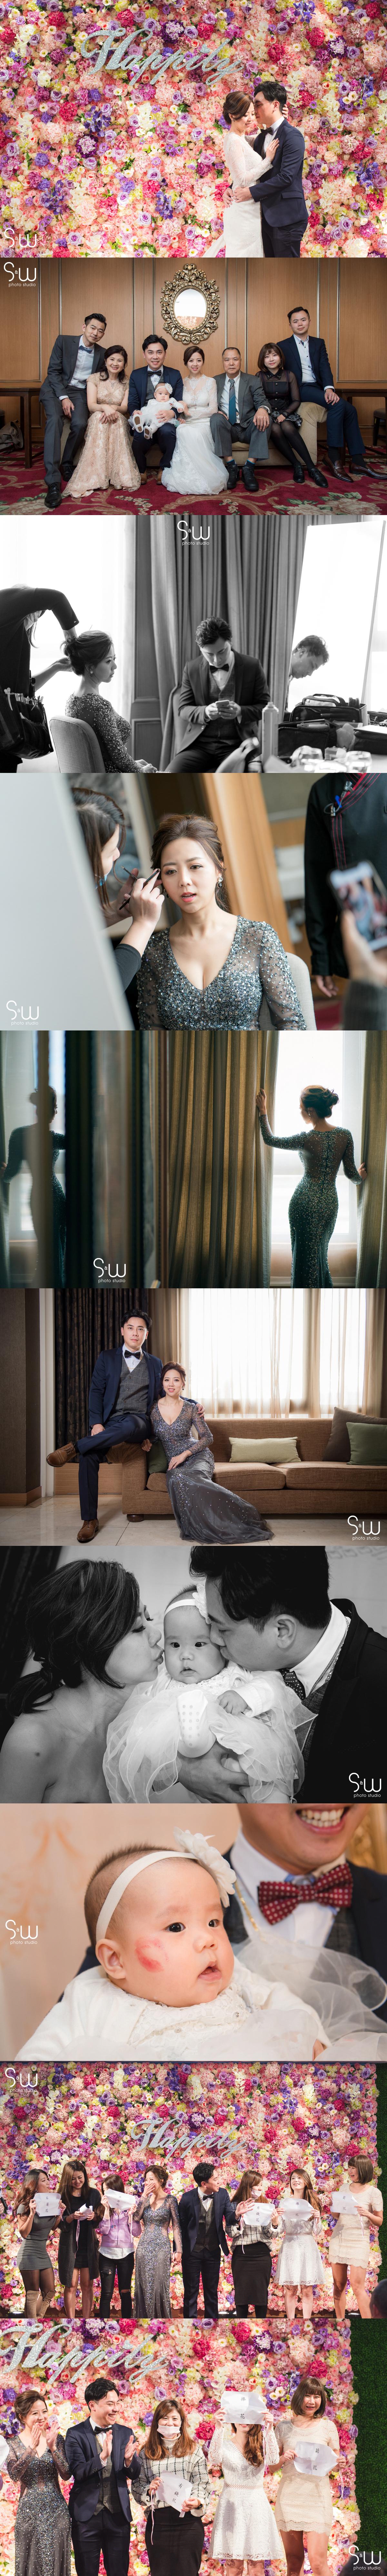 WEDDING | Chateau de Chine Hotel Taipei (新莊翰品酒店婚禮) | sw photo studio 婚禮, 婚攝, 婚紗, 海外婚禮, 海外婚紗, 海島婚禮,峇里島婚禮, 峇里島婚紗, 台灣婚禮, 婚攝推薦